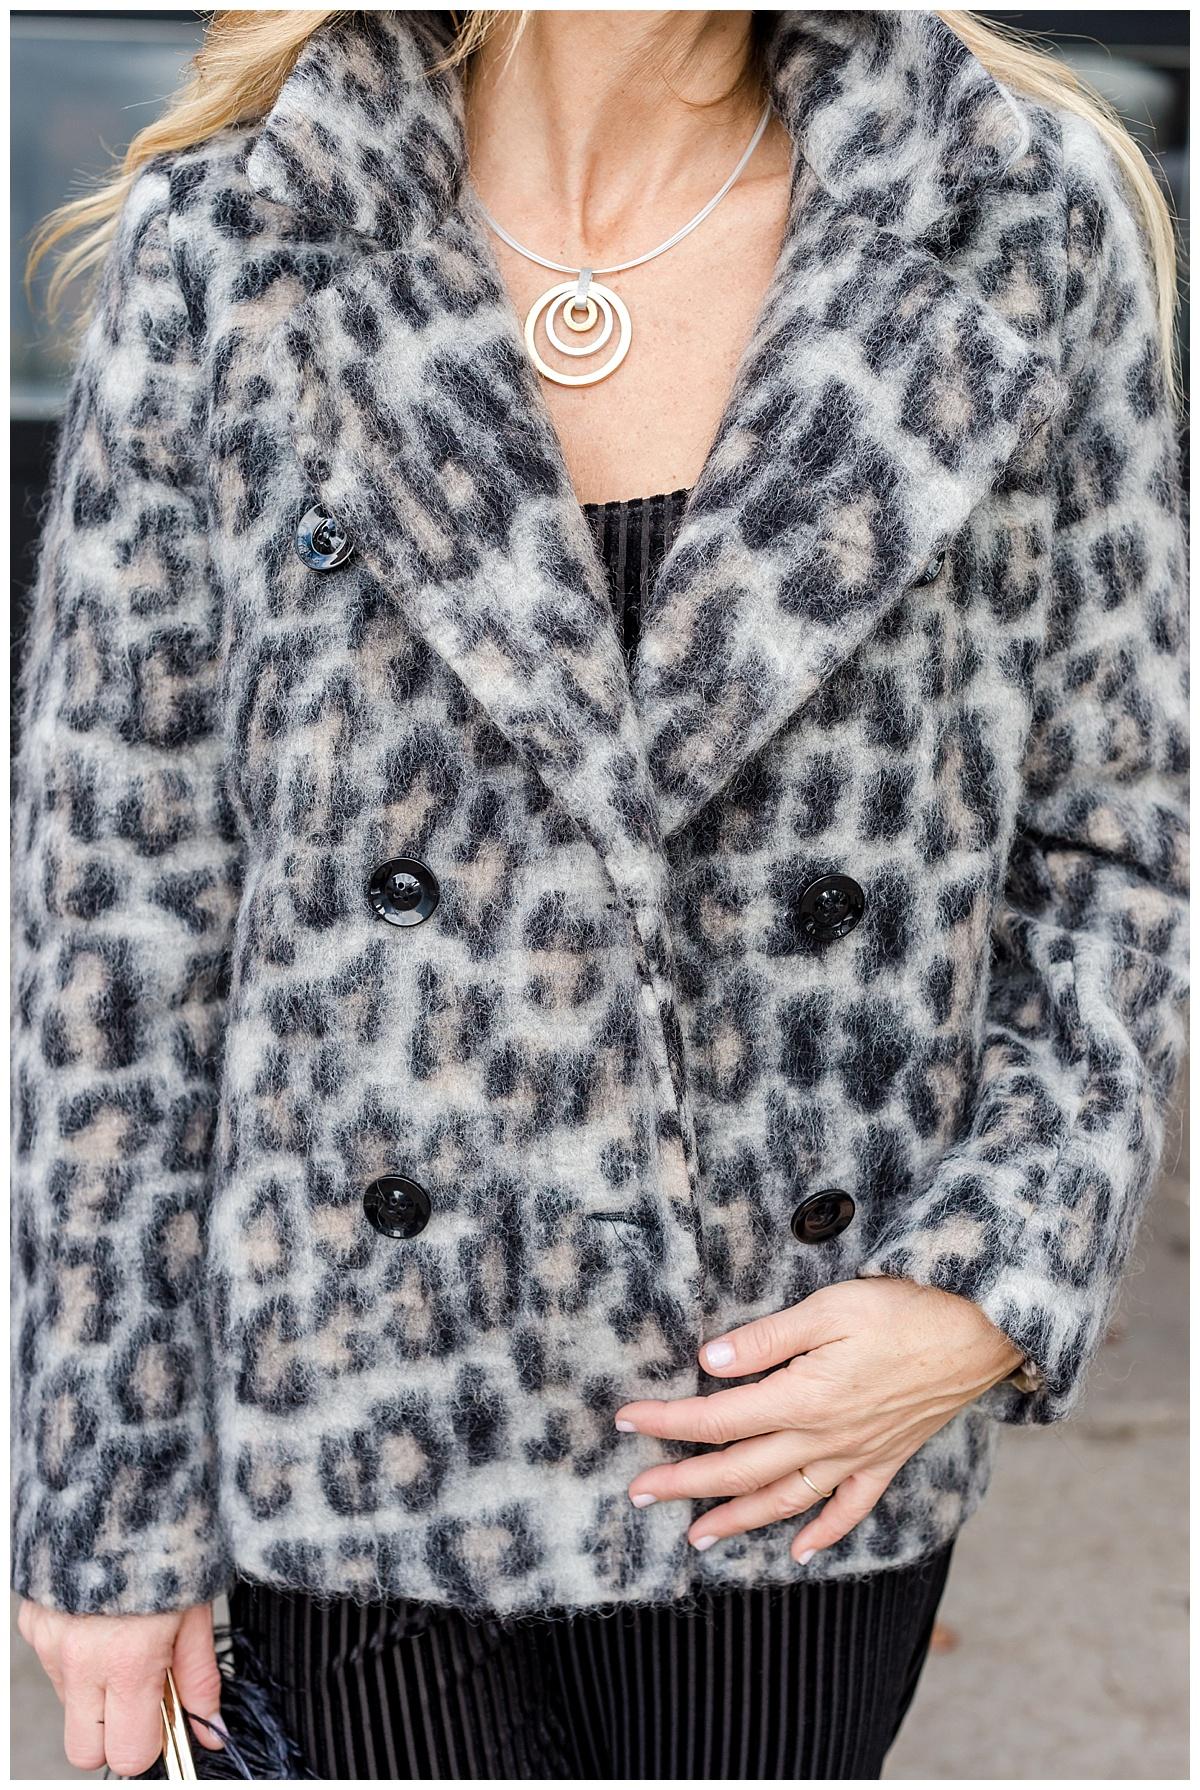 Lauren B jumpsuit and cheetah coat_1671.jpg